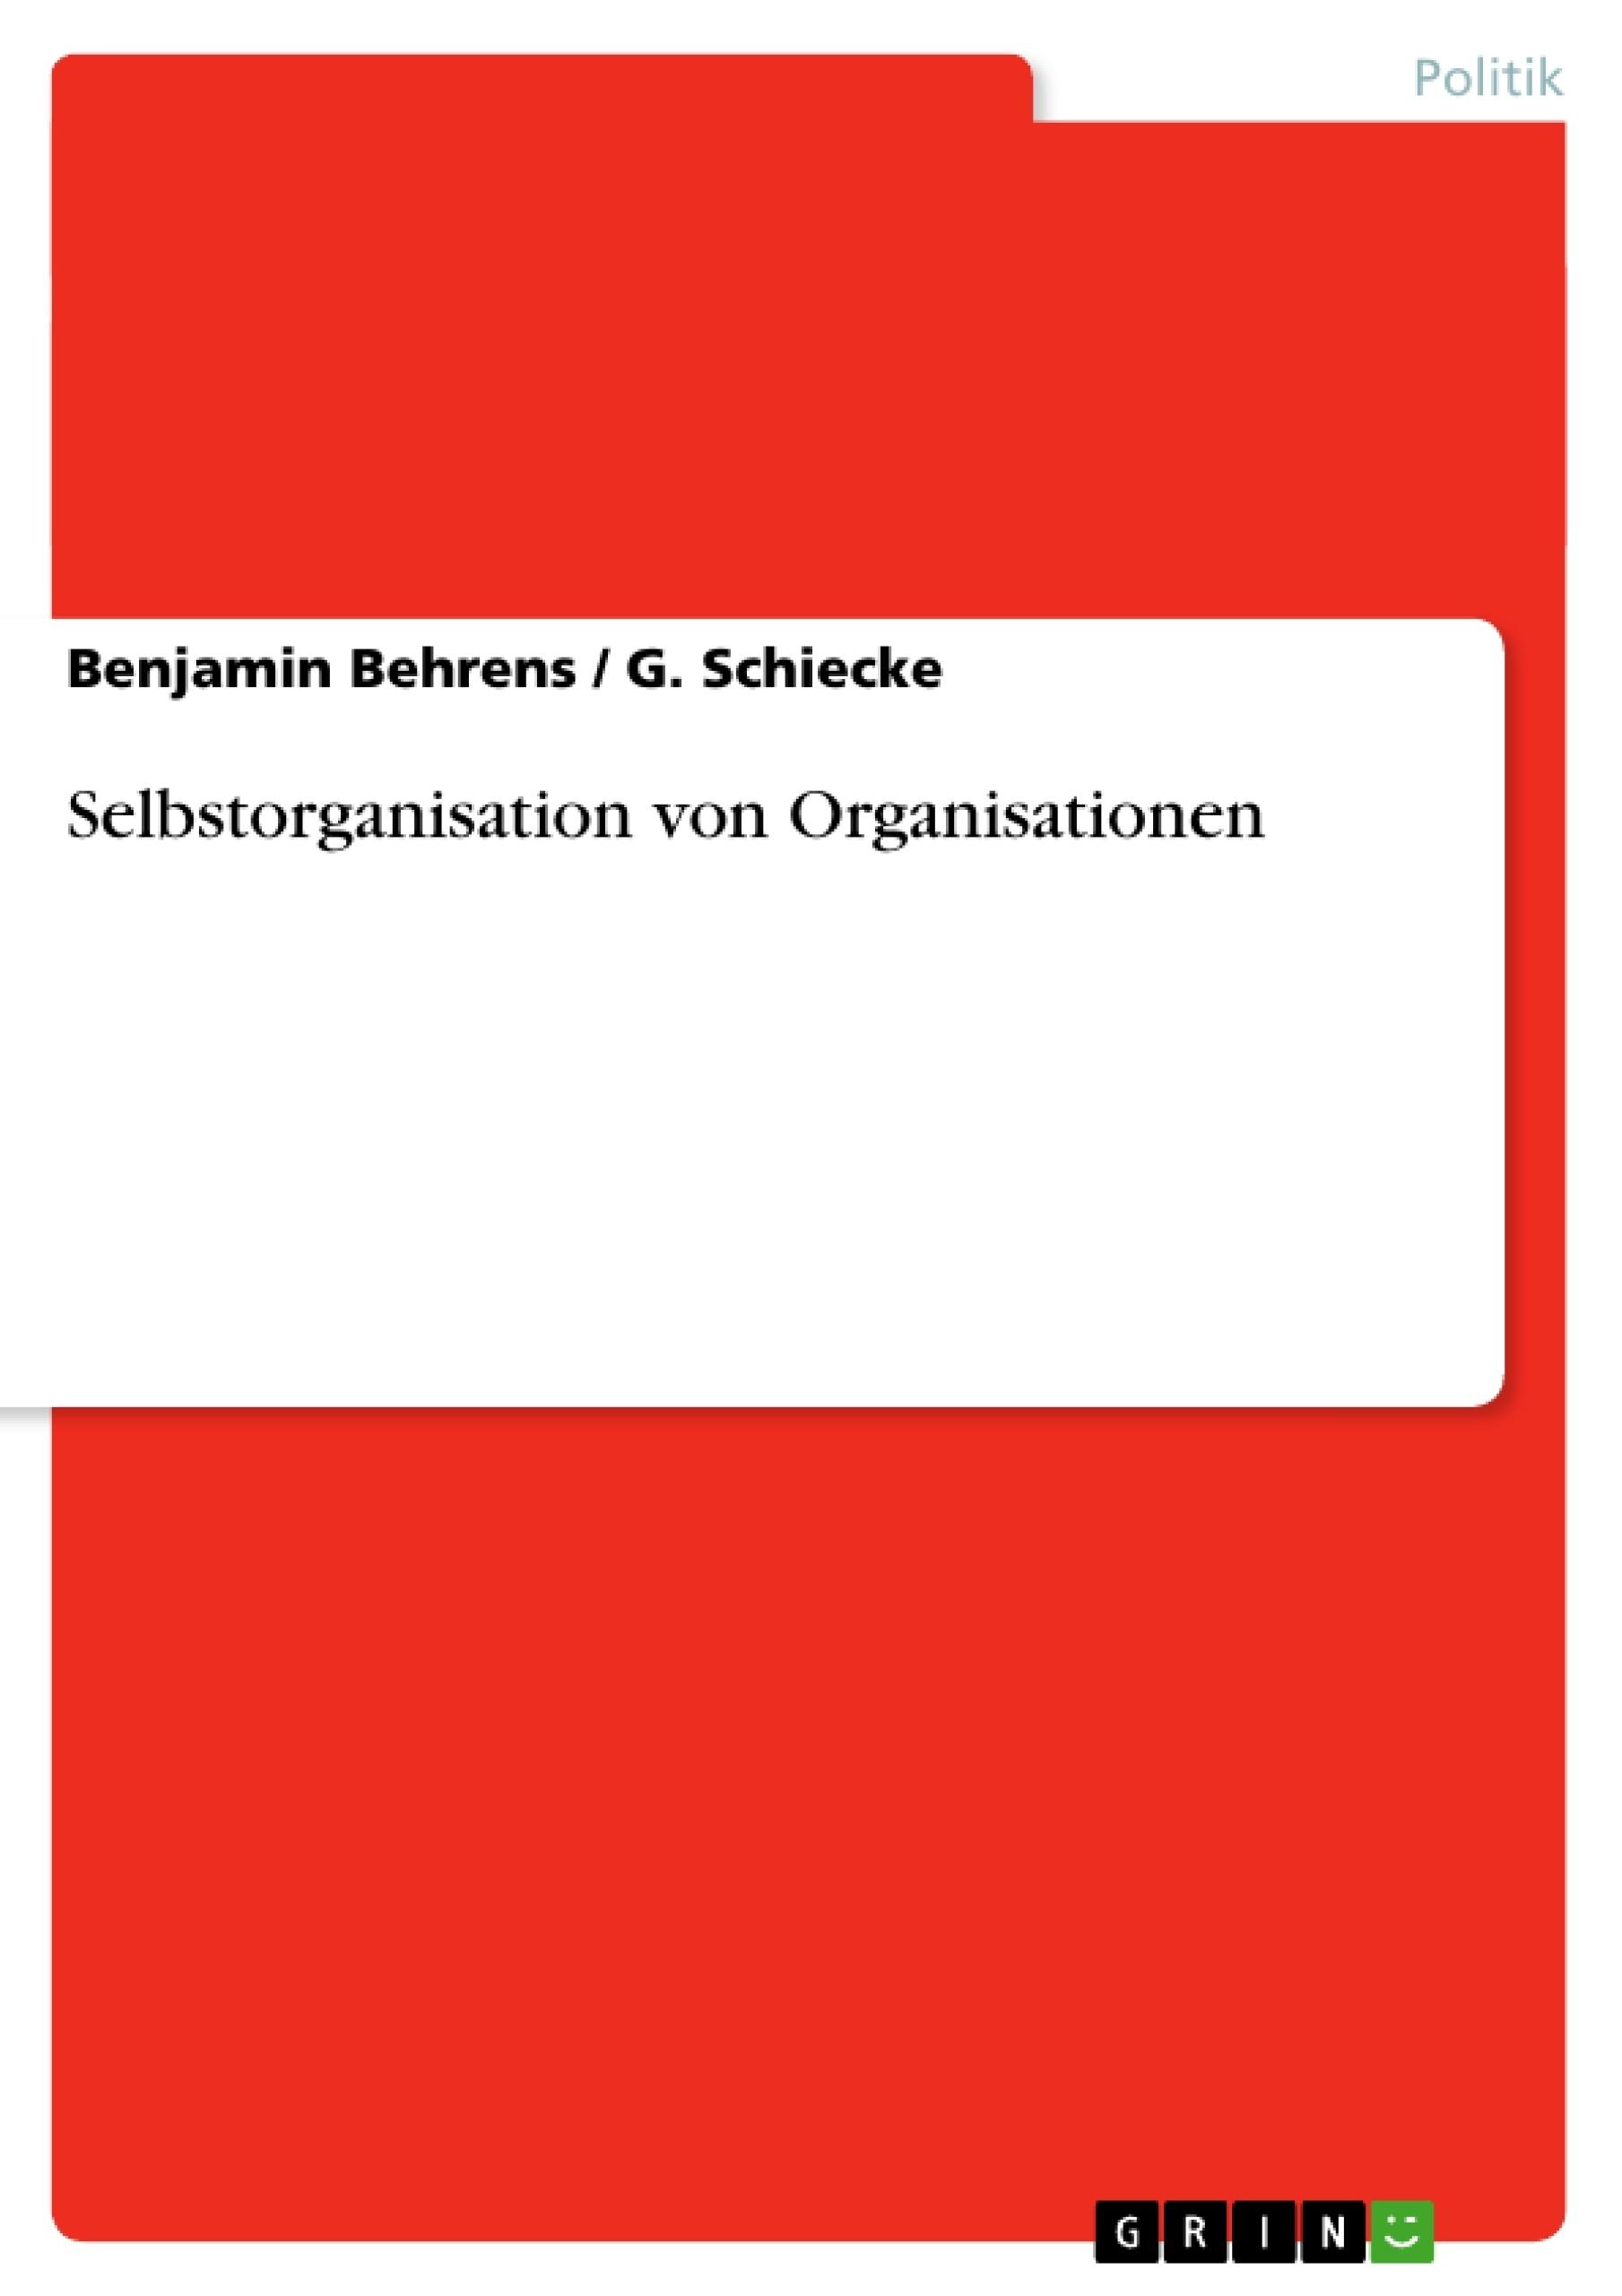 Titel: Selbstorganisation von Organisationen